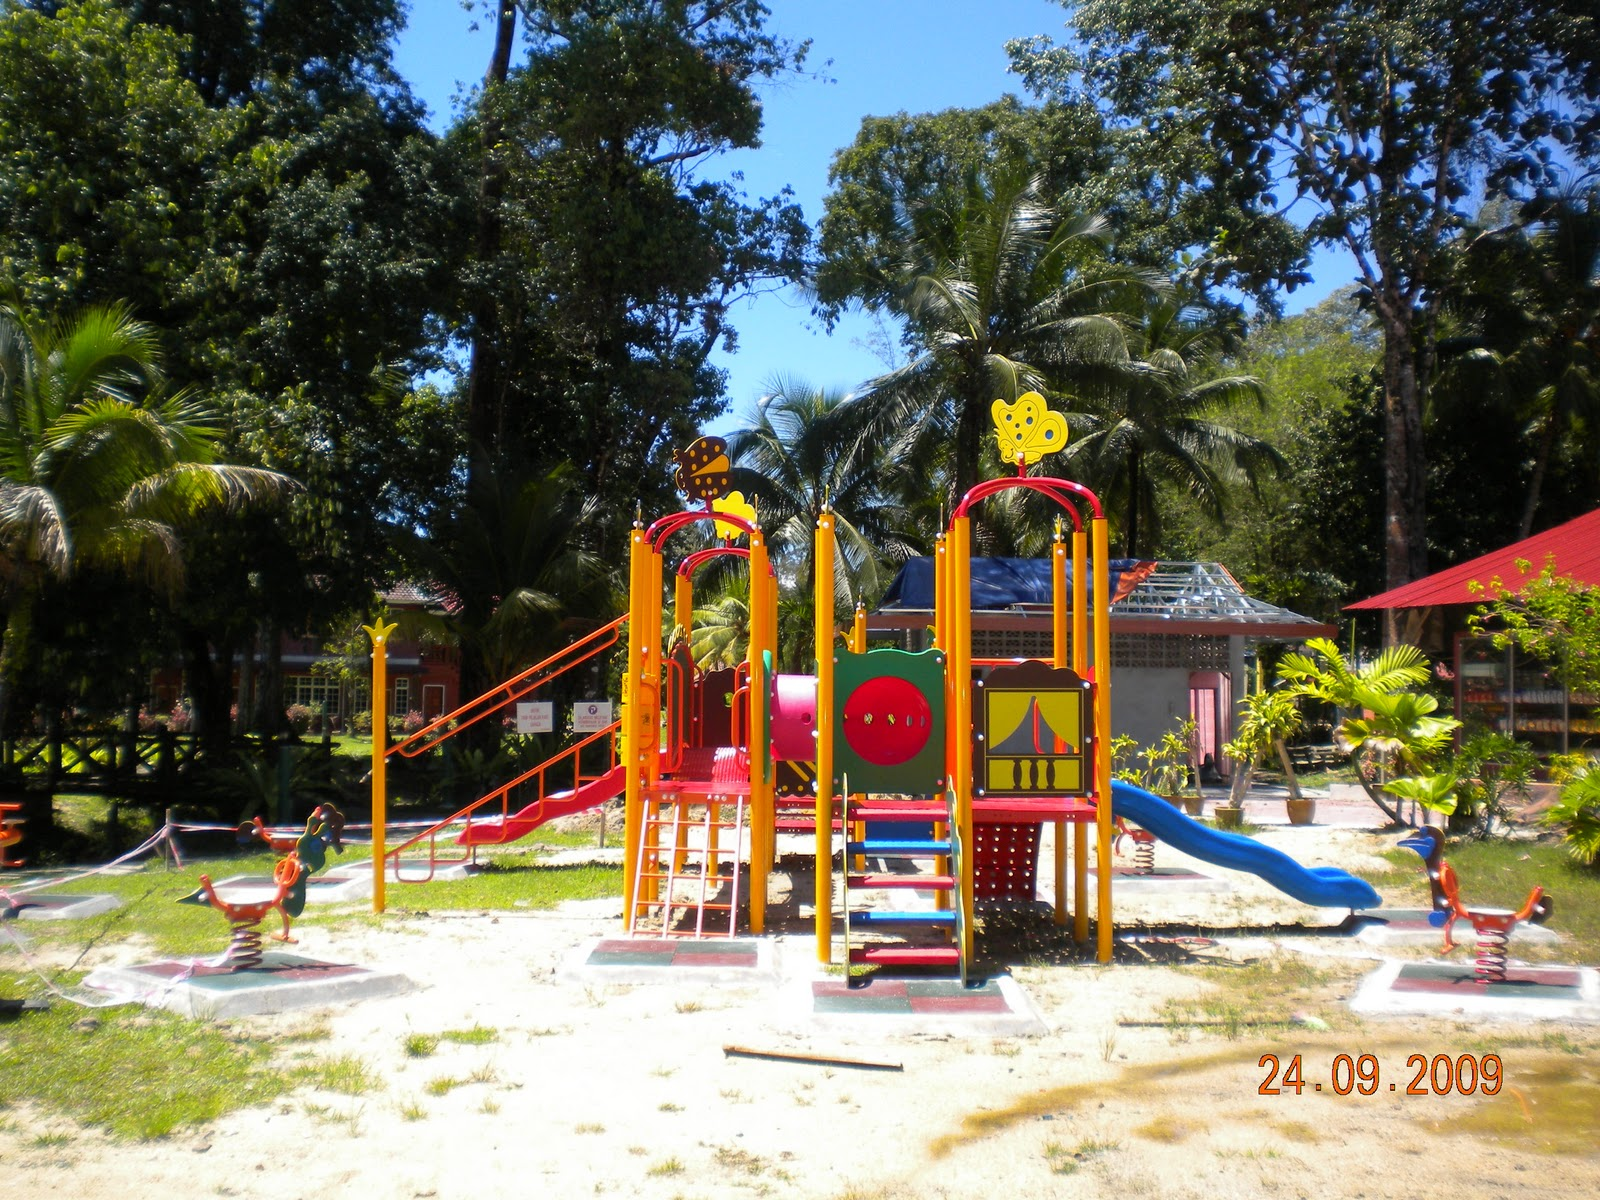 Pembekal Alat Taman Permainan Kanak Kanak.html - Alternative Energy